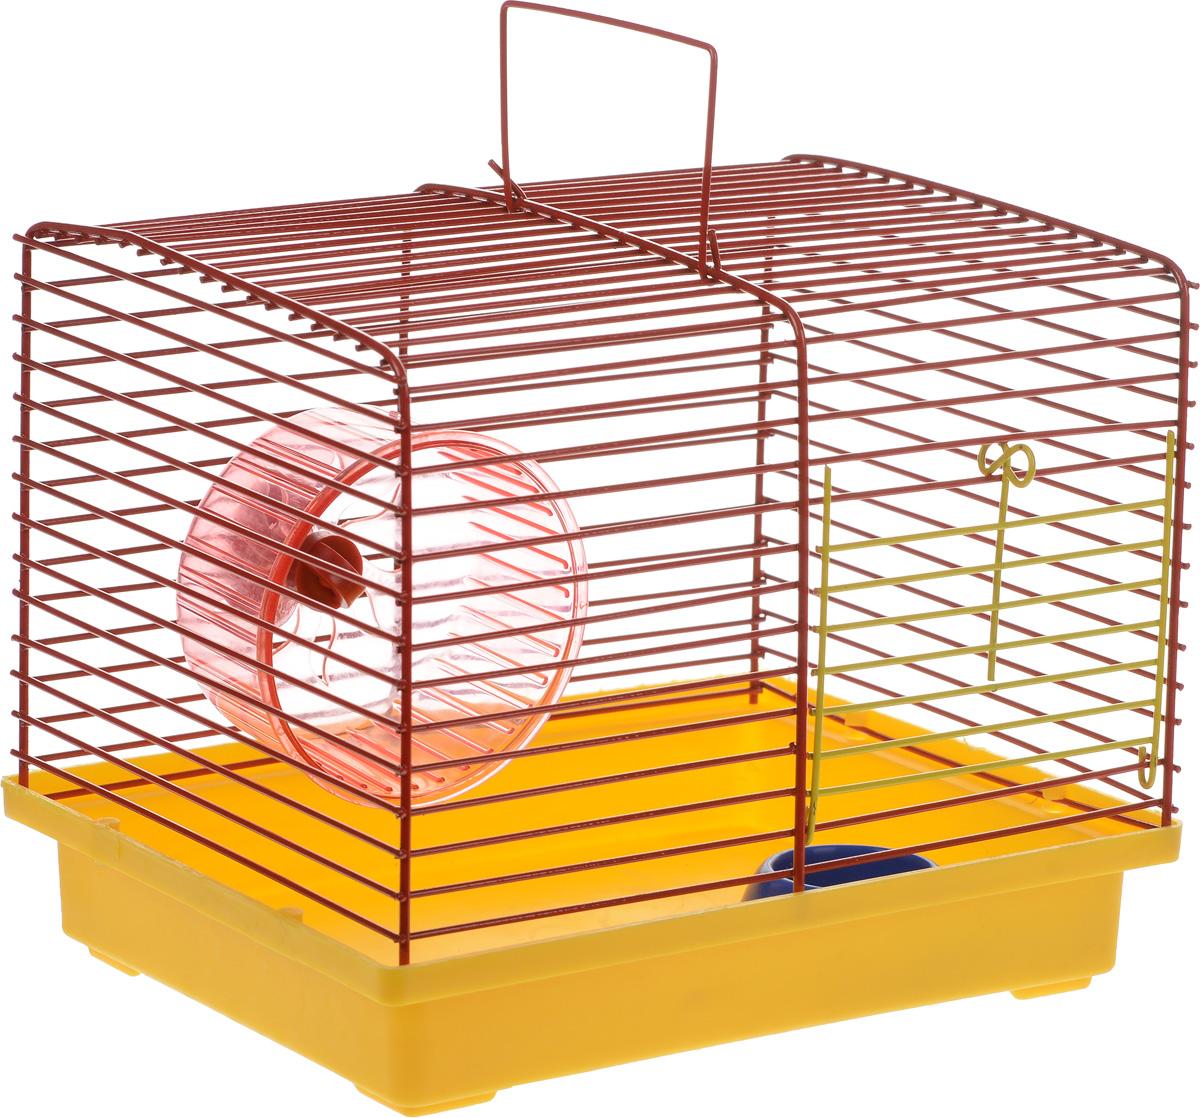 Клетка для хомяка ЗооМарк, с колесом и миской, цвет: желтый поддон, красная решетка, 23 х 18 х 18,5 см511_желтый/красныйКлетка ЗооМарк, выполненная из пластика и металла, подходит для джунгарского хомячка или других небольших грызунов. Она оборудована колесом для подвижных игр и миской. Клетка имеет яркий поддон, удобна в использовании и легко чистится. Такая клетка станет личным пространством и уютным домиком для маленького грызуна. Комплектация: - клетка с поддоном; - колесо; - миска. Размер клетки: 23 см х 18 см х 18,5 см.